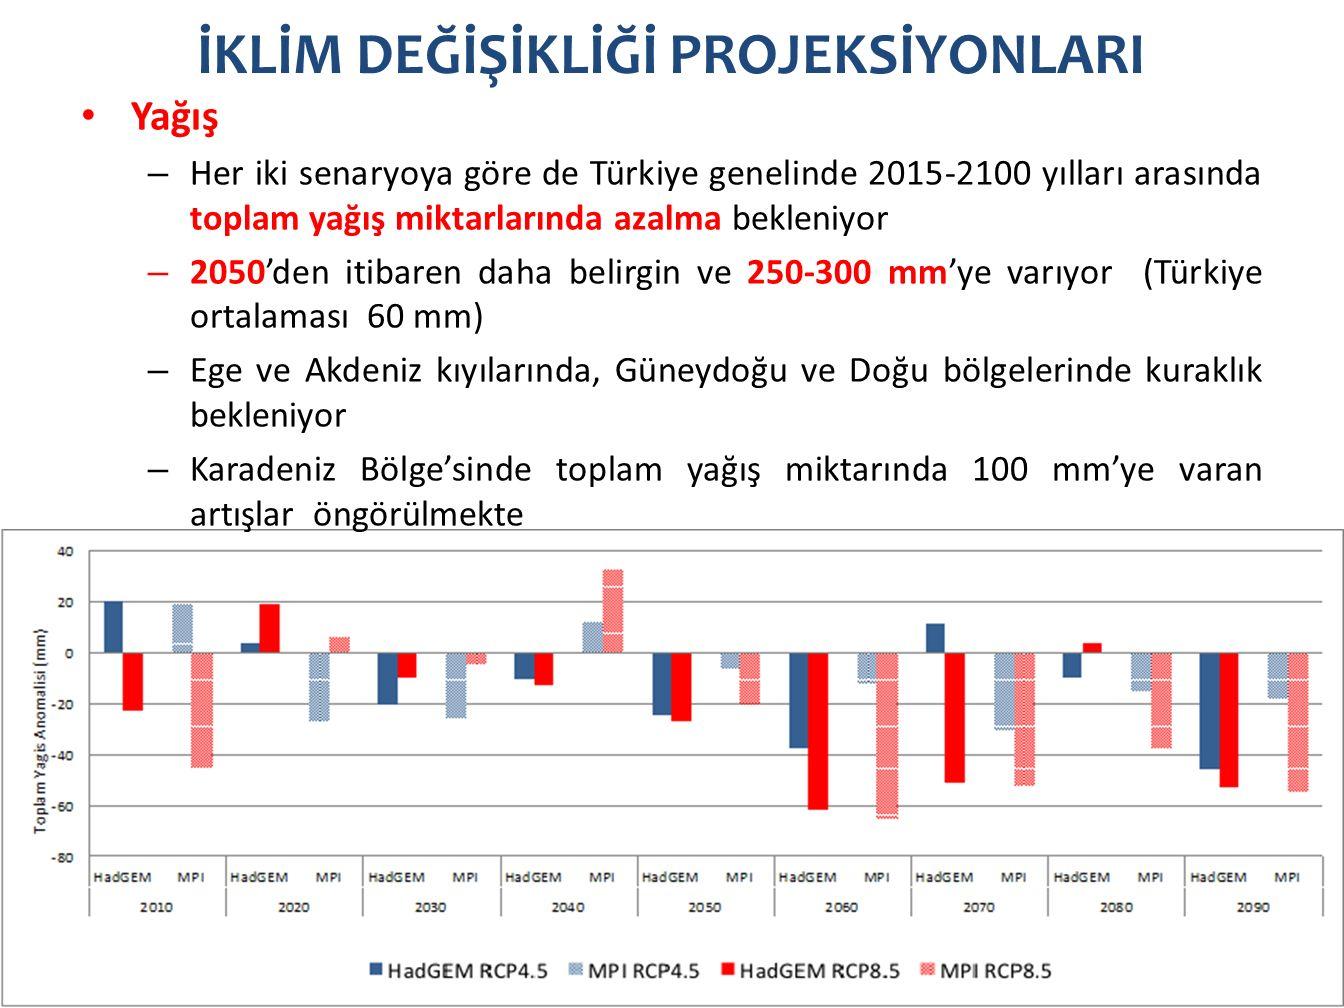 İKLİM DEĞİŞİKLİĞİ PROJEKSİYONLARI Yağış – Her iki senaryoya göre de Türkiye genelinde 2015-2100 yılları arasında toplam yağış miktarlarında azalma bekleniyor – 2050'den itibaren daha belirgin ve 250-300 mm'ye varıyor (Türkiye ortalaması 60 mm) – Ege ve Akdeniz kıyılarında, Güneydoğu ve Doğu bölgelerinde kuraklık bekleniyor – Karadeniz Bölge'sinde toplam yağış miktarında 100 mm'ye varan artışlar öngörülmekte